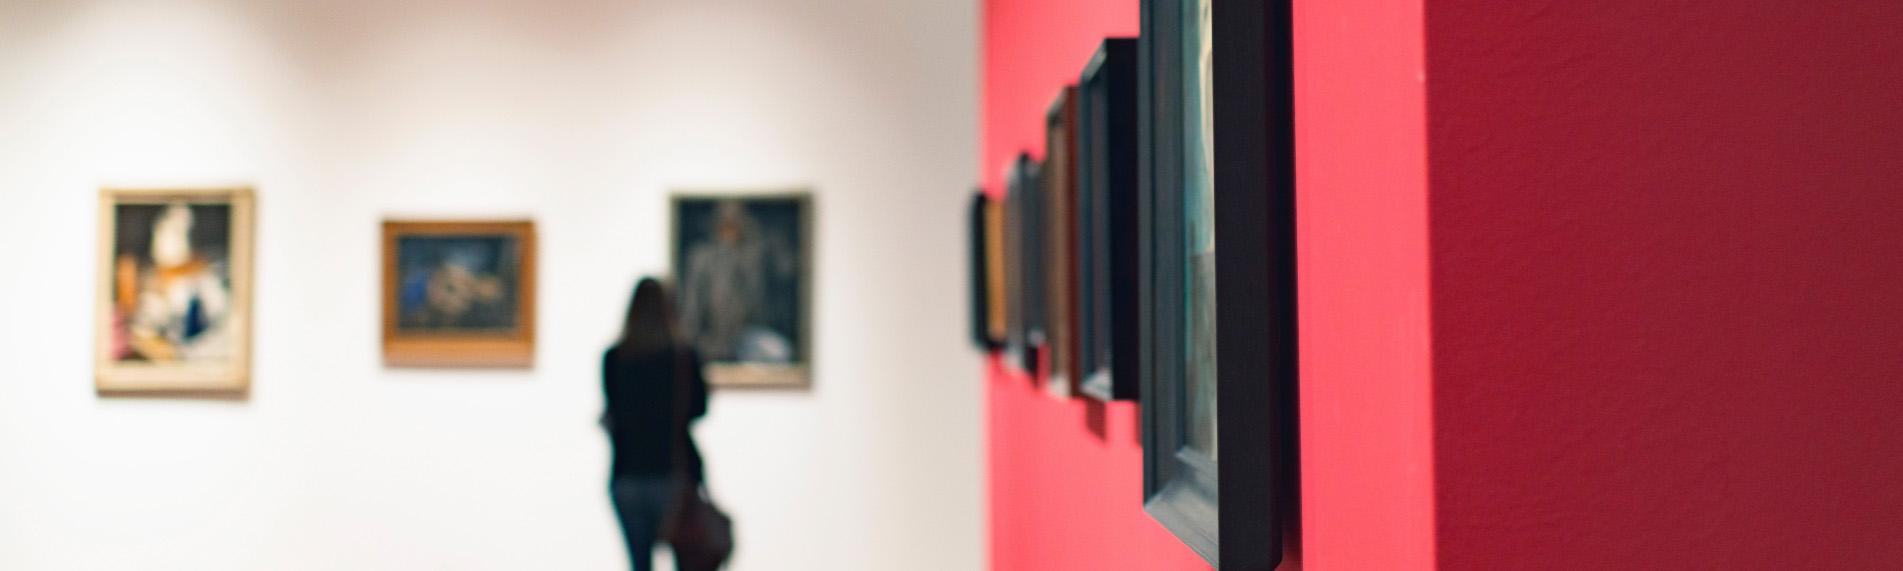 Fuktreglering för museum, gallerier, konst och antikviteter